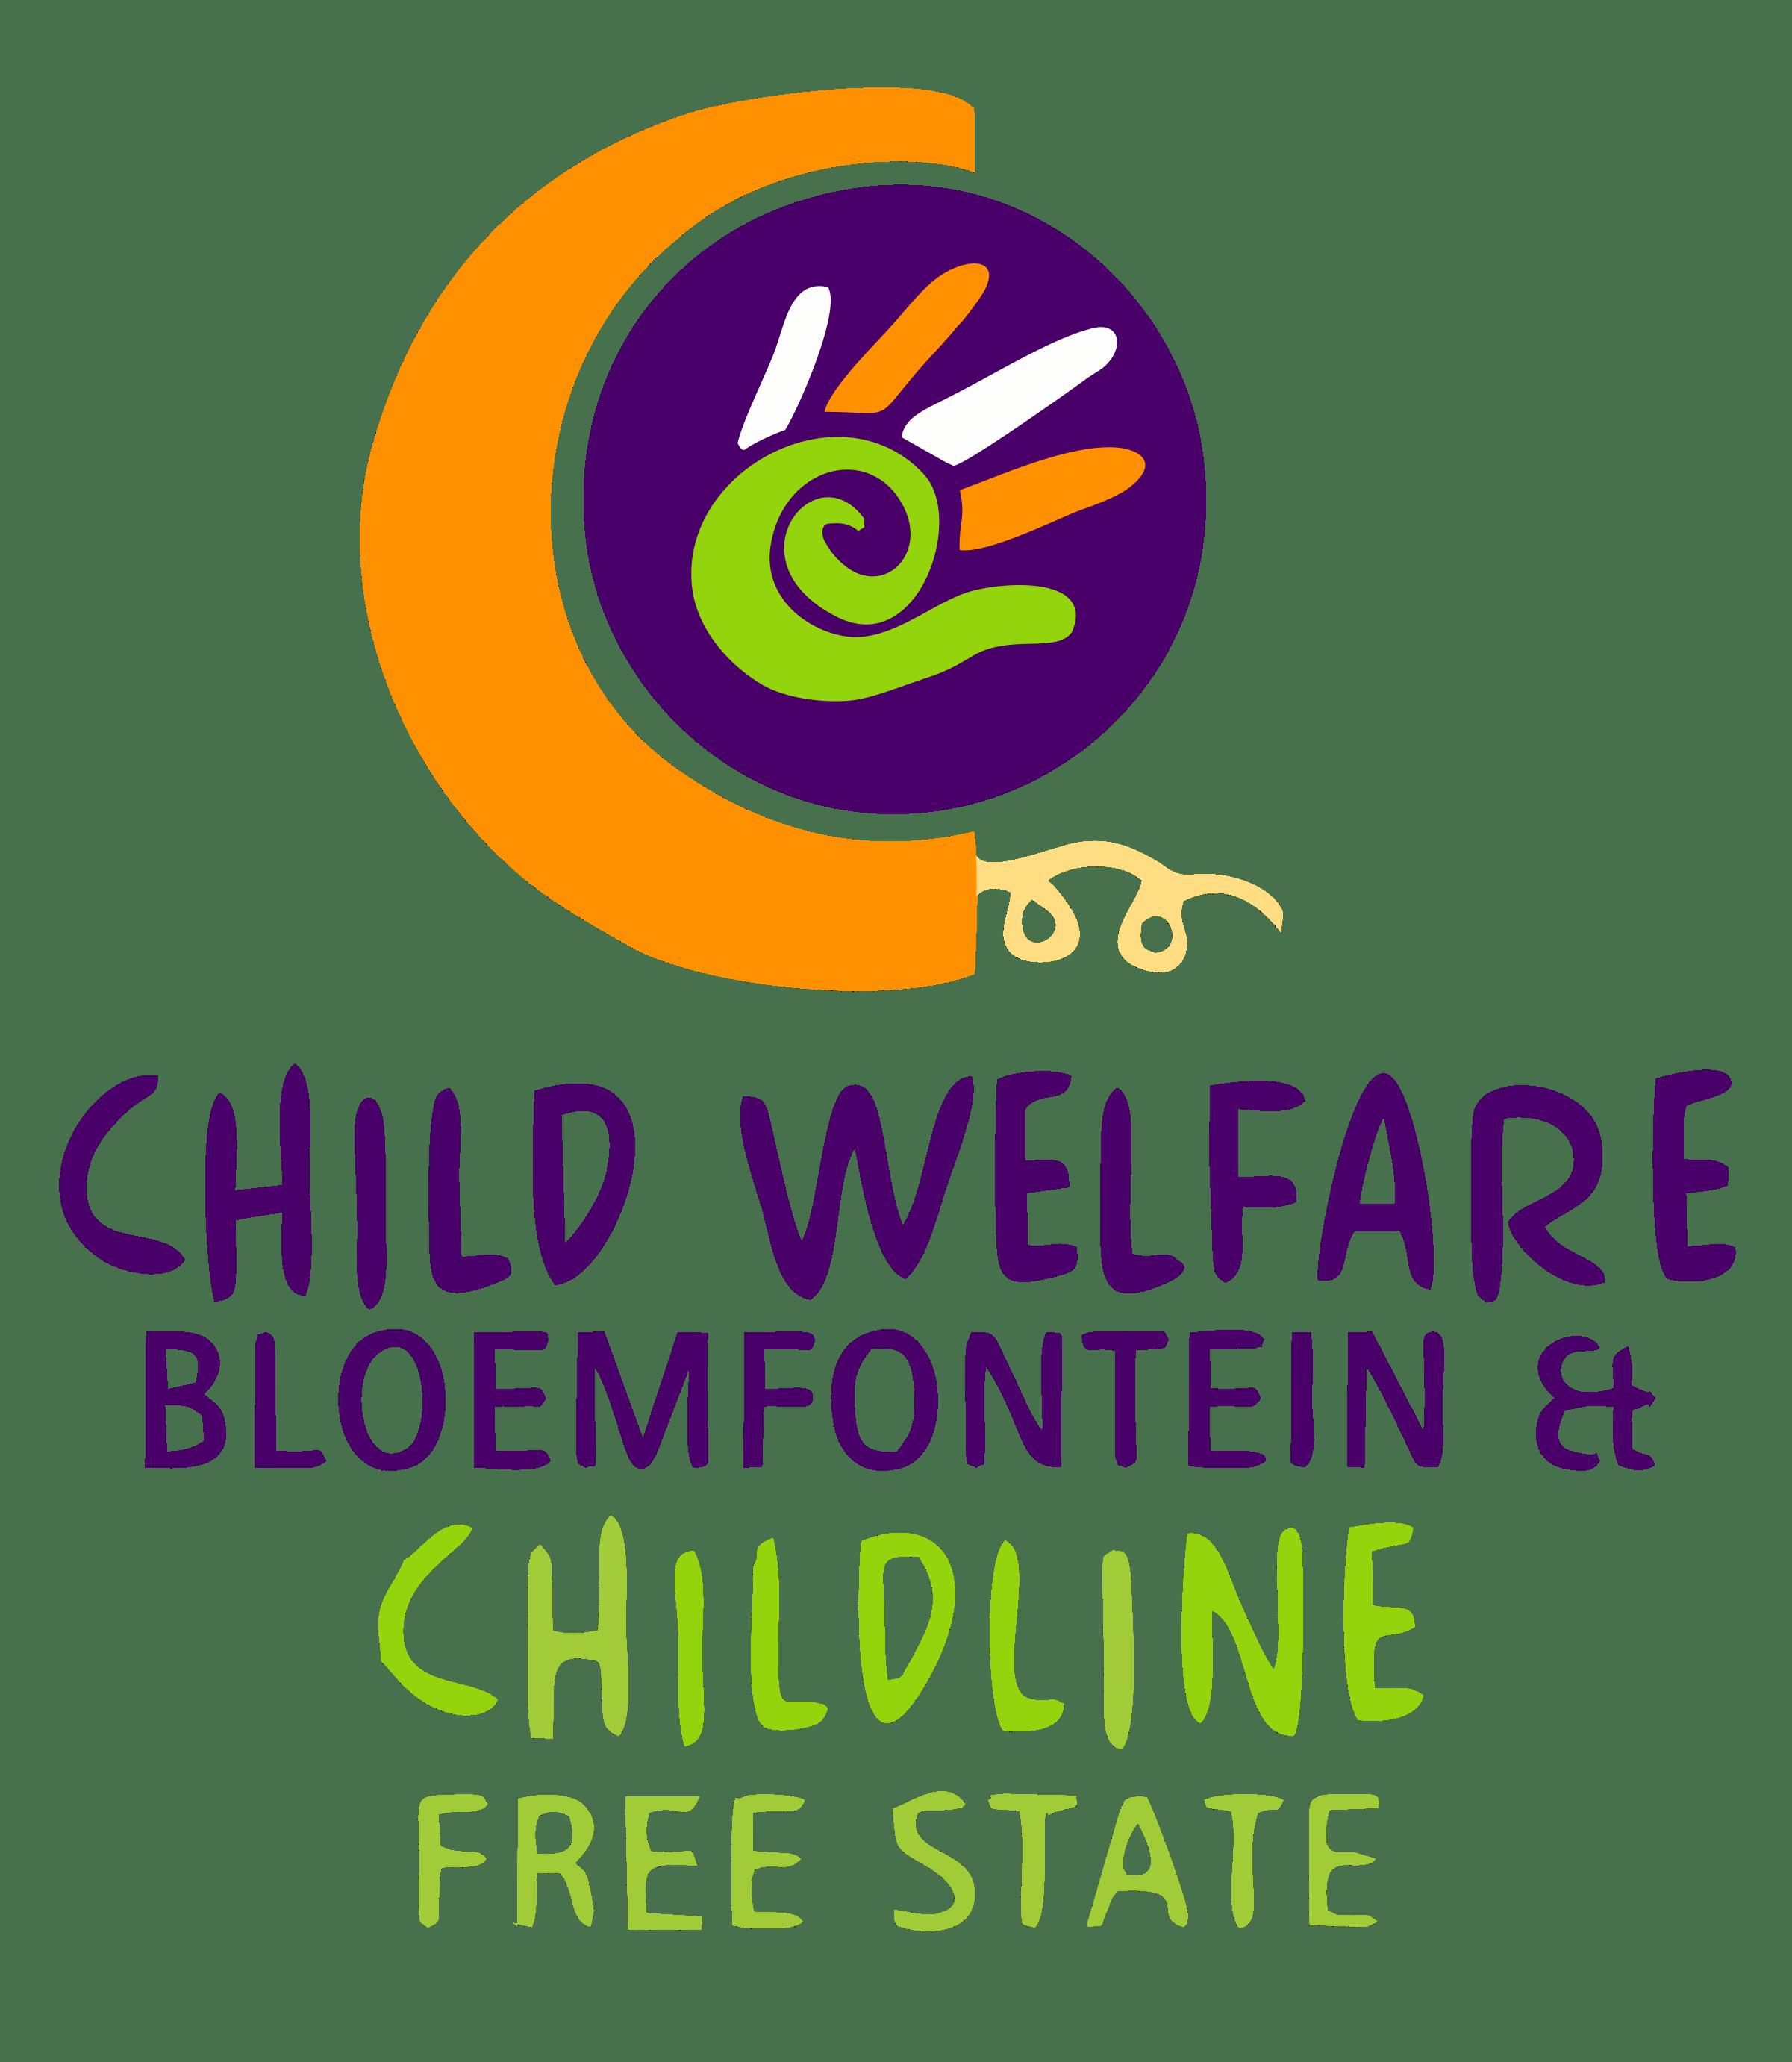 Child Welfare Bloemfontein Childline Free State Free State Welfare Bloemfontein